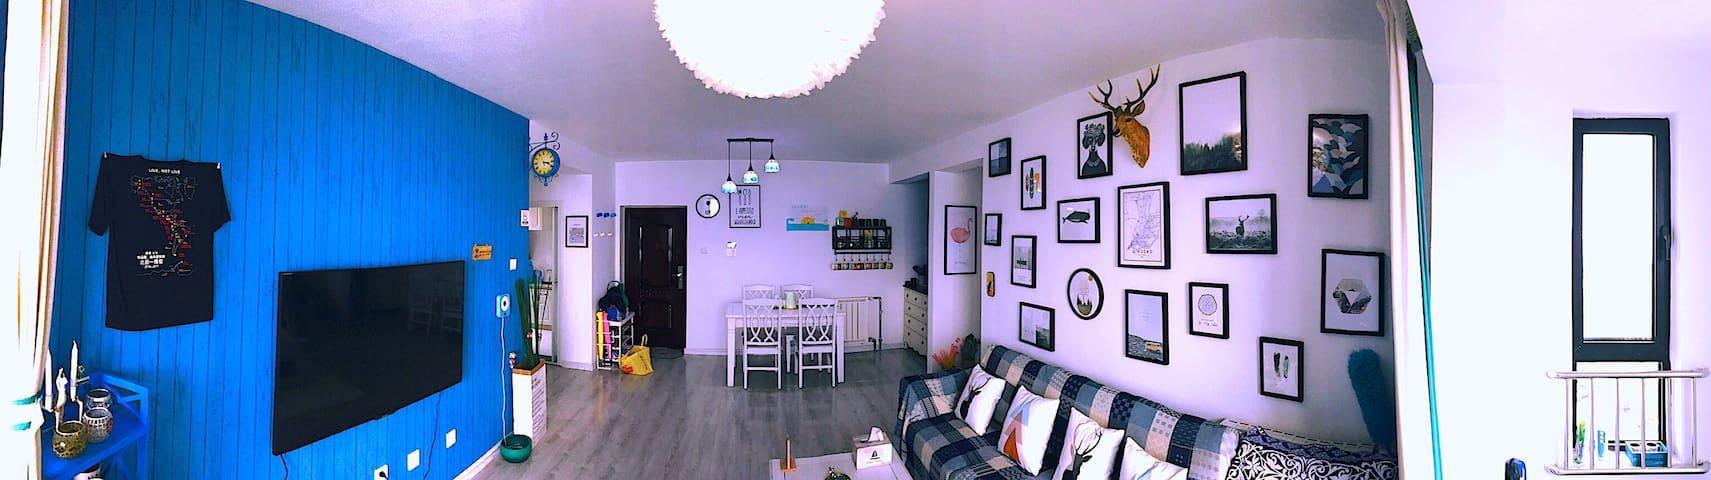 客厅全景照 panorama of the living room